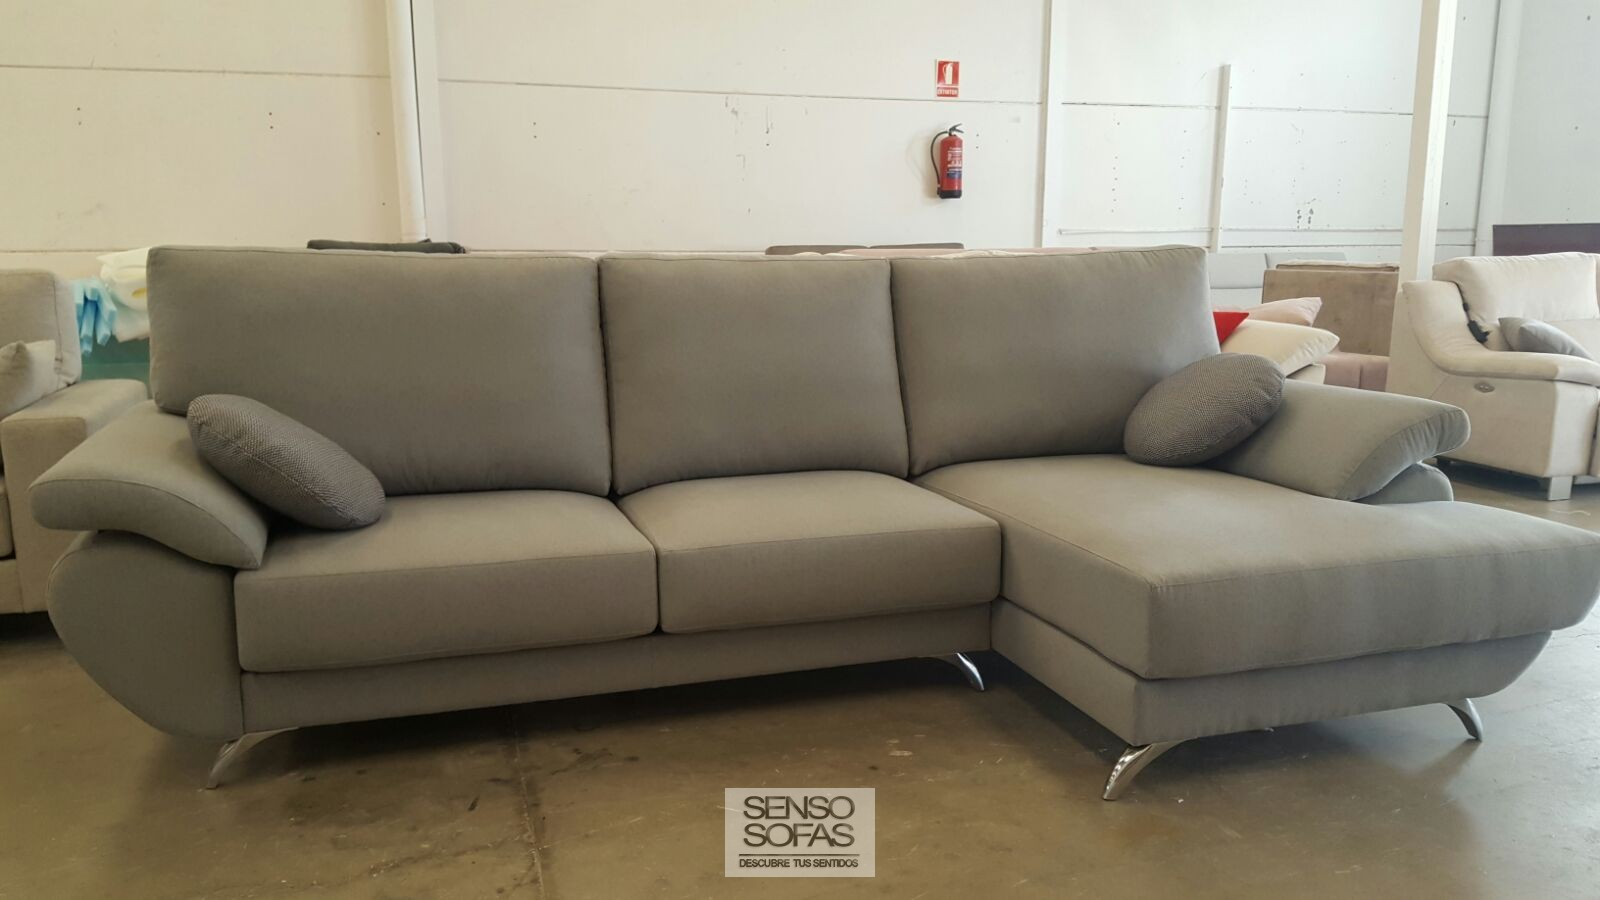 Senso sof s tienda sofas online fabrica de sofas valencia for Tiendas de sofas online